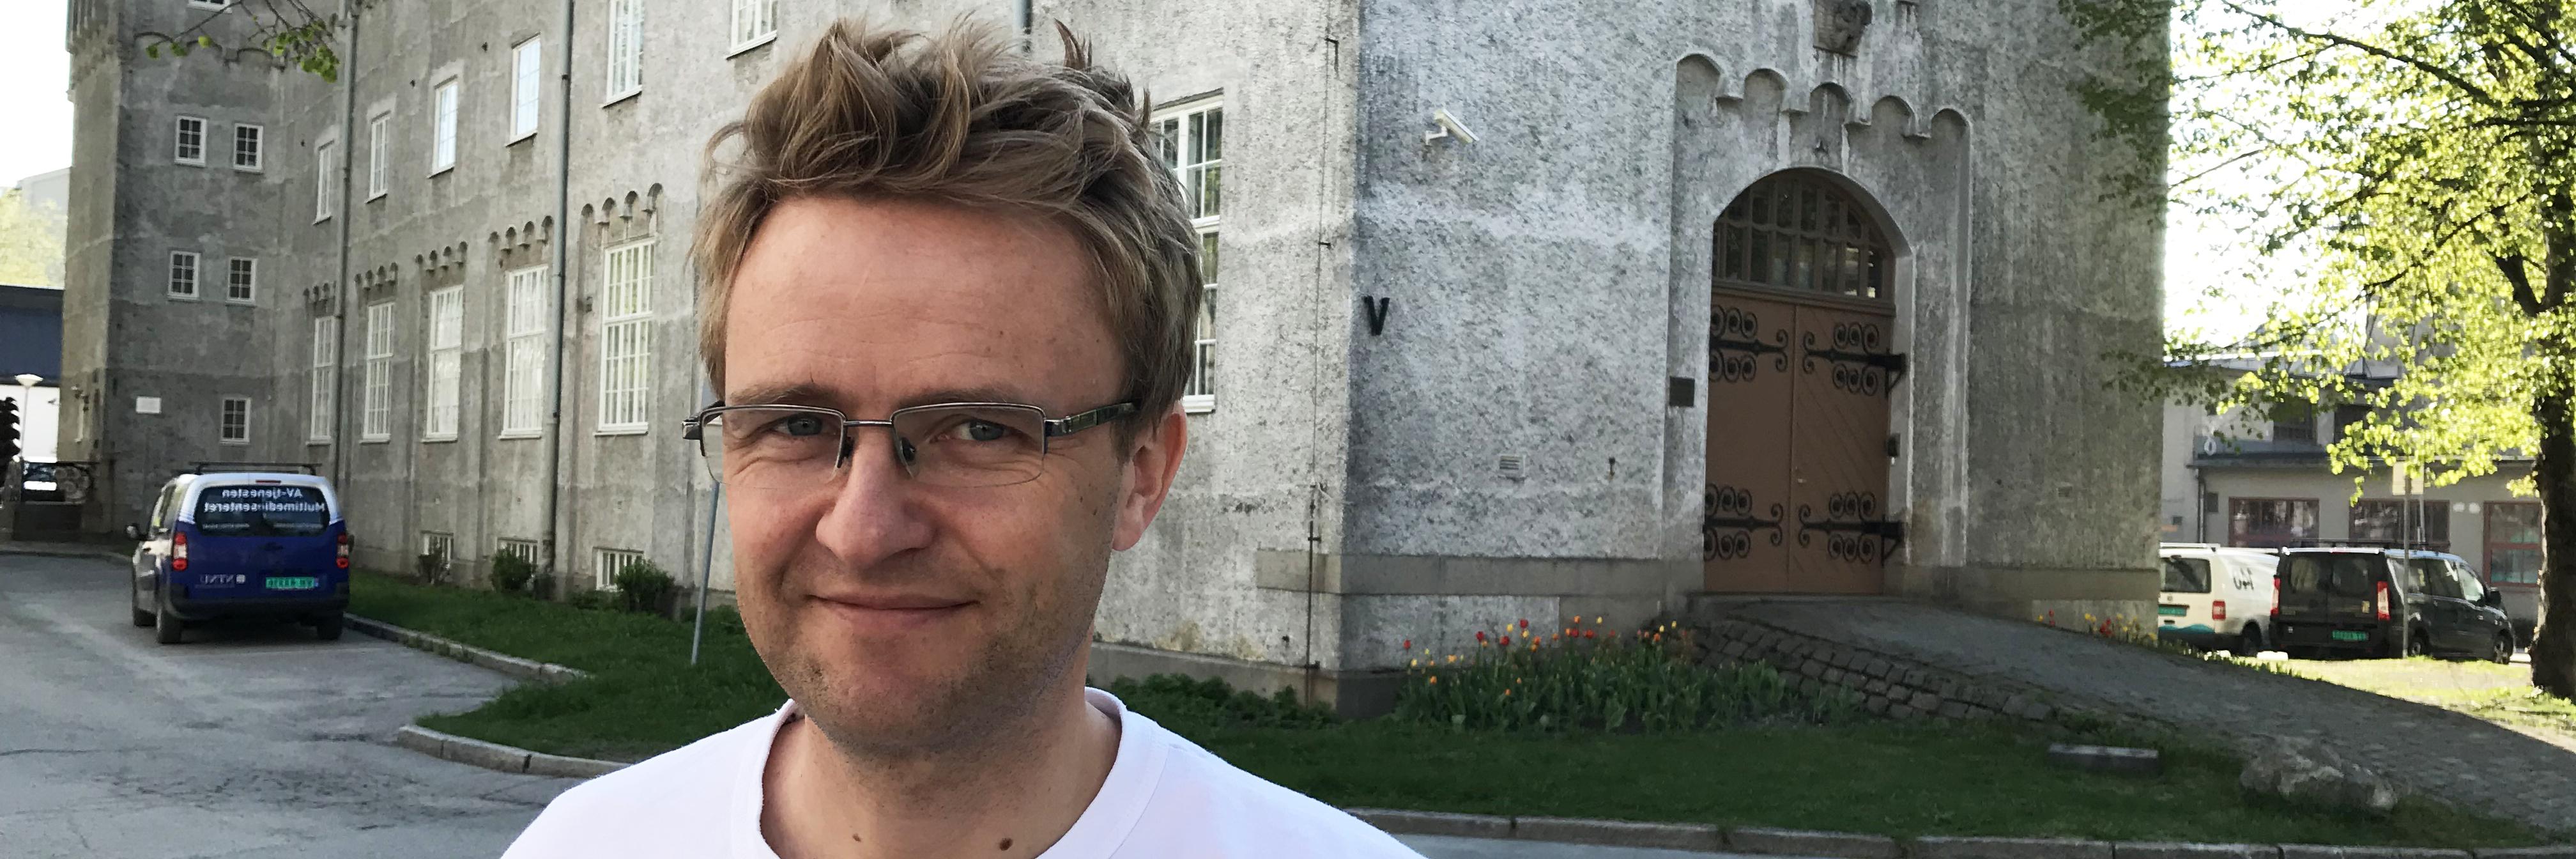 Miljørådgiver Christian Solli ved NTNU